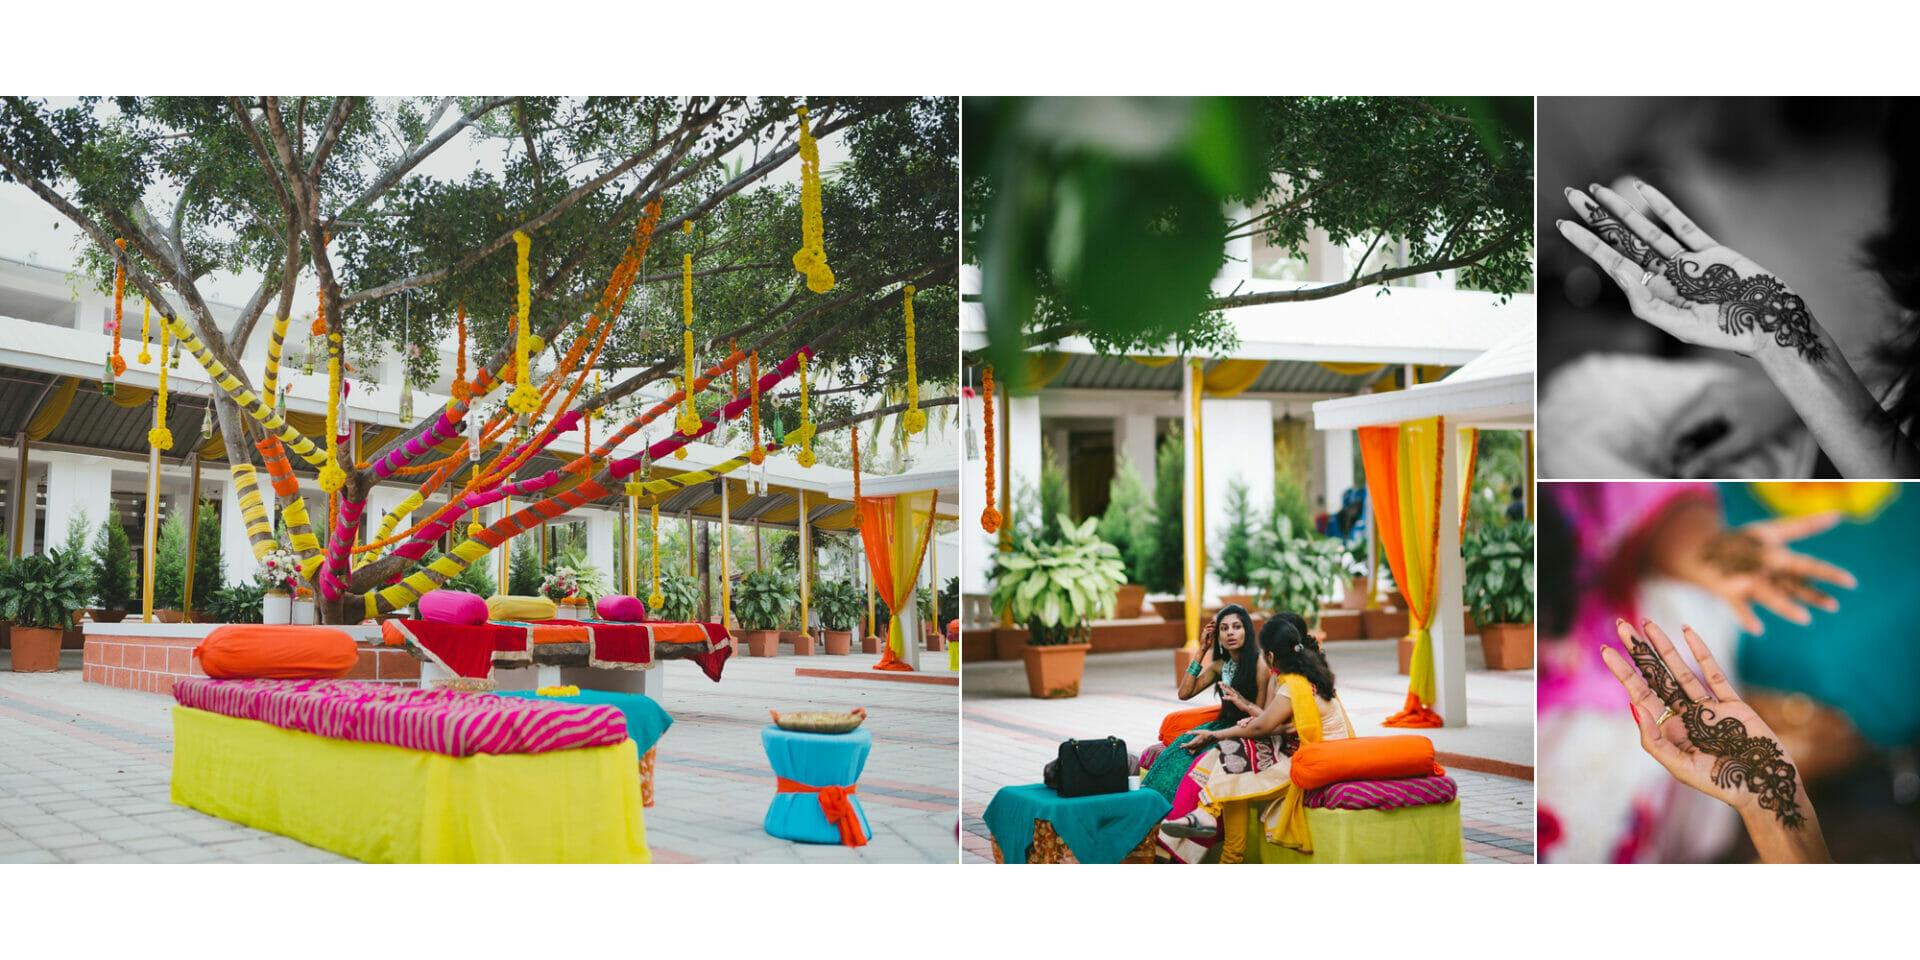 shruti annayya sree vikash photography mehandi sangeeth kalathur gardens 10